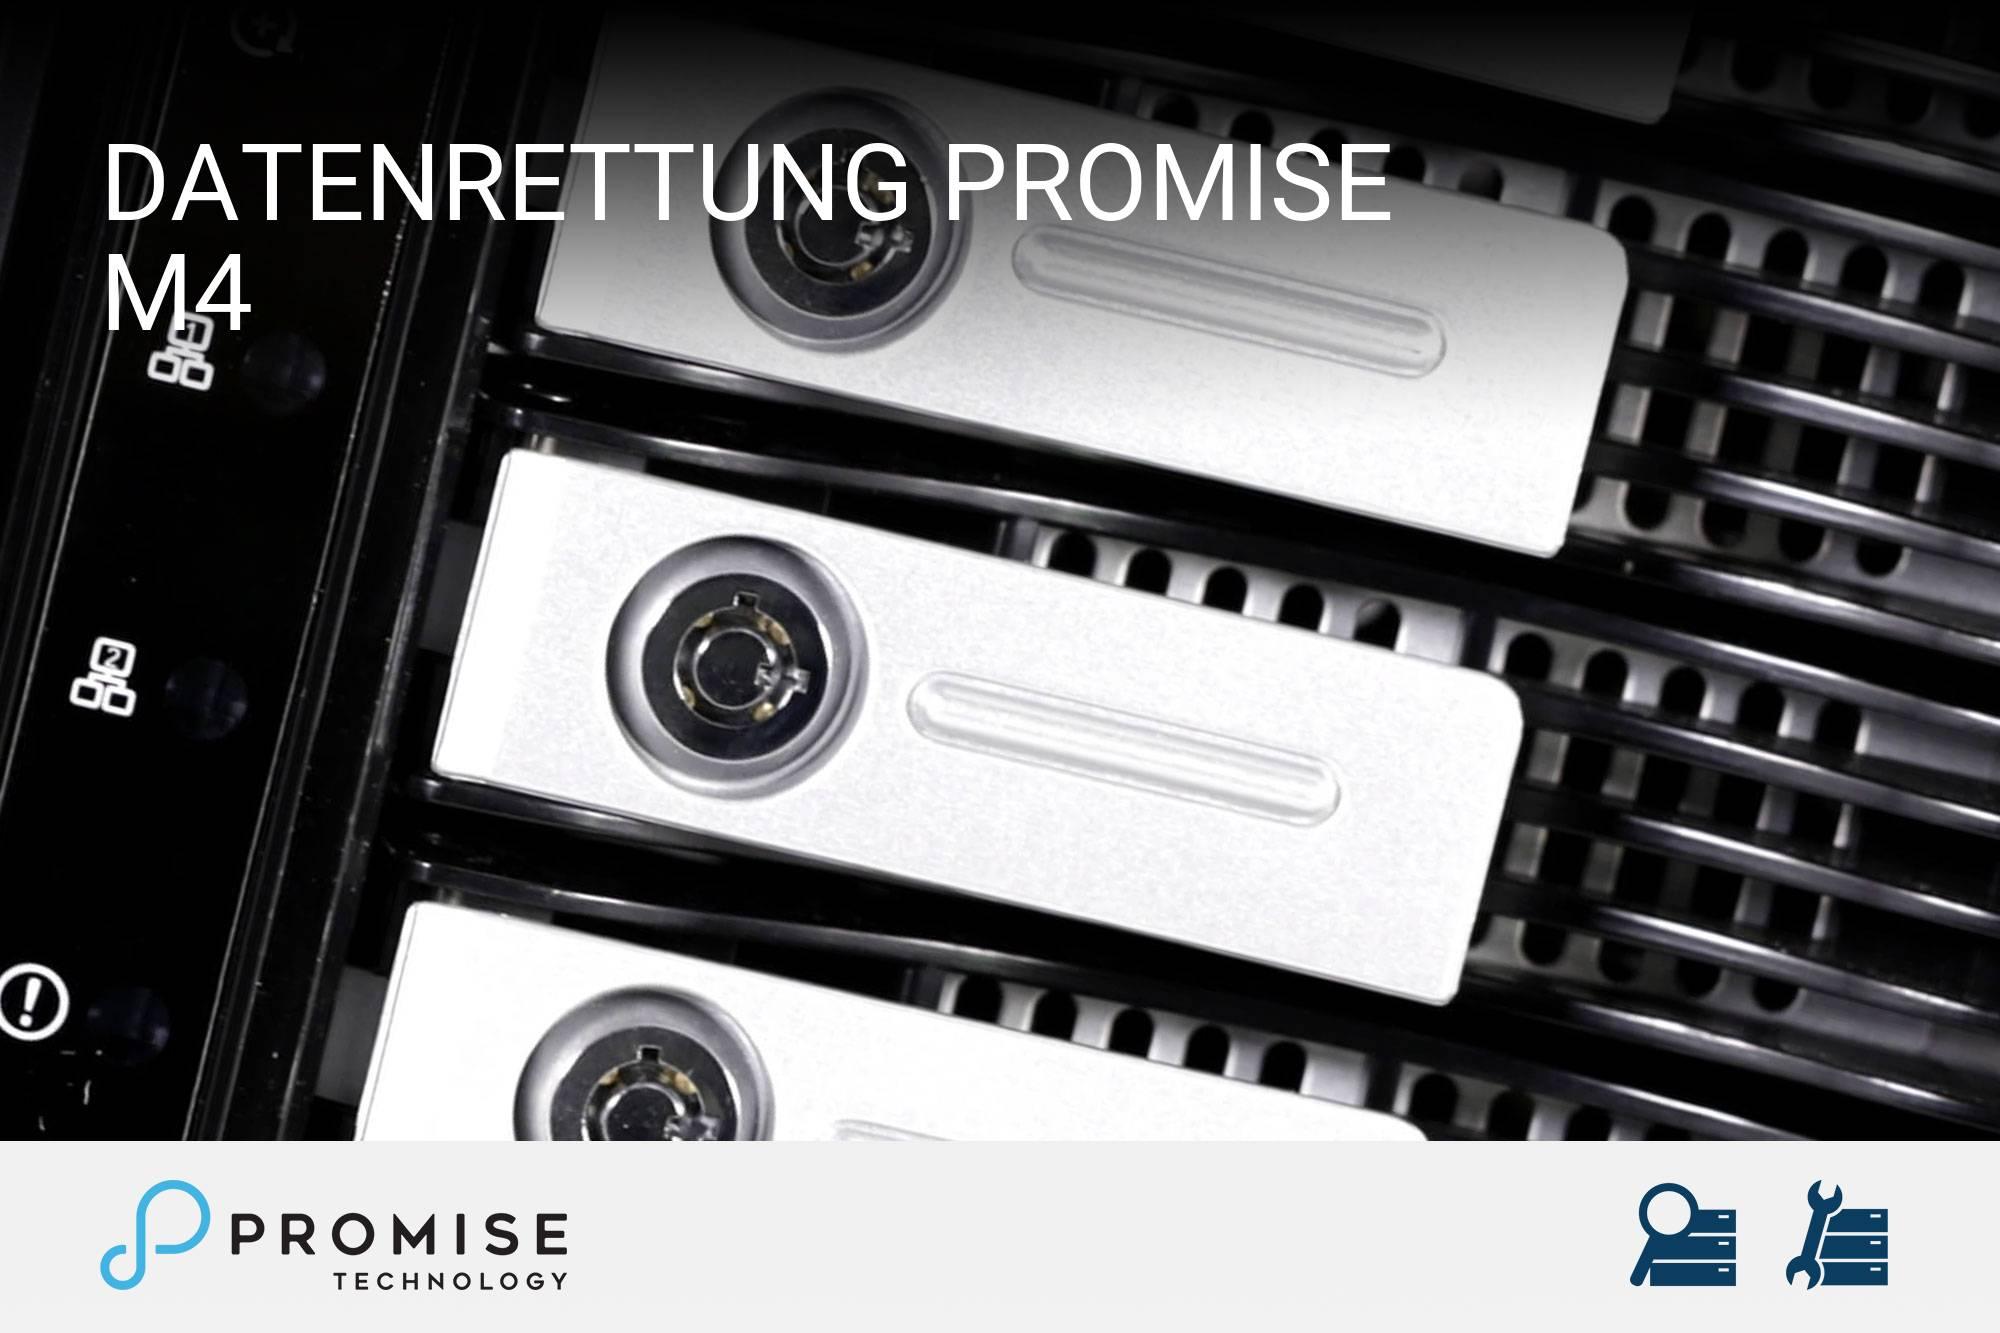 Promise M4